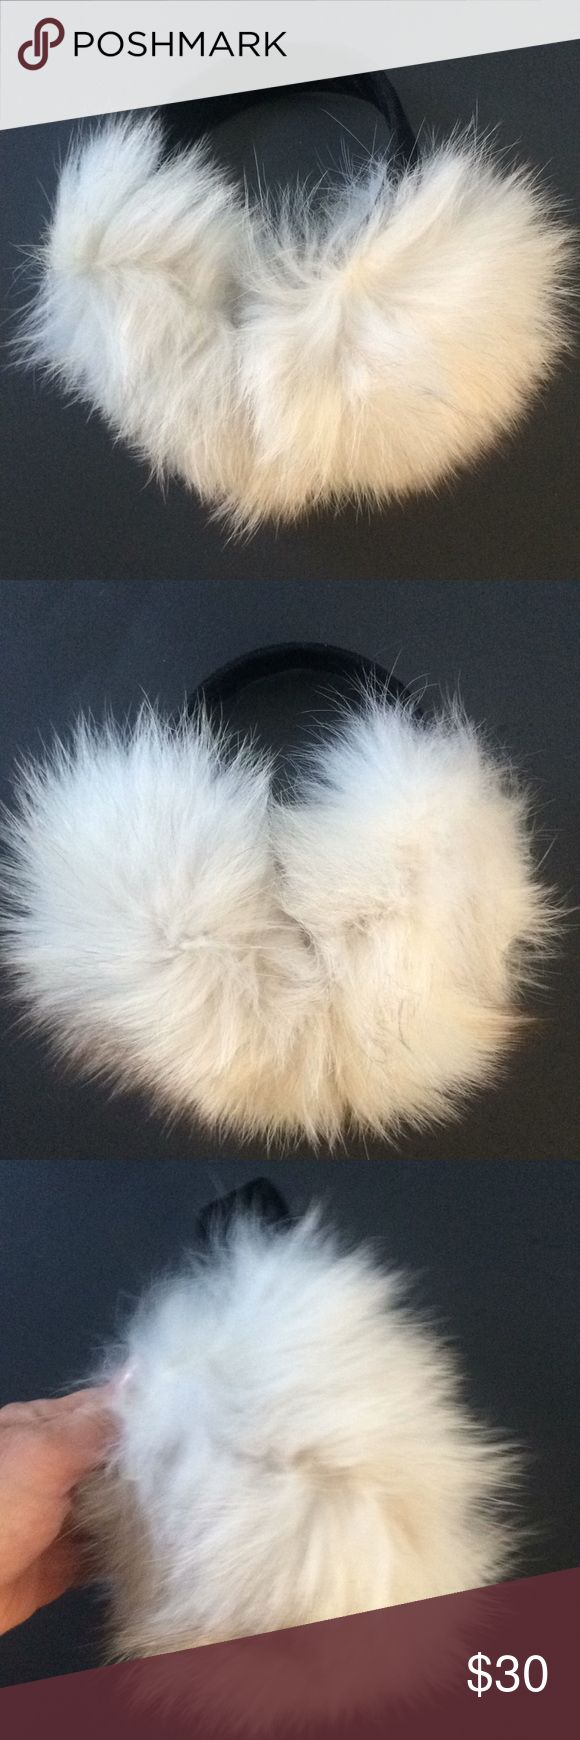 FOX FUR EAR MUFFS Super cute real fox firm ear muffs, Warm